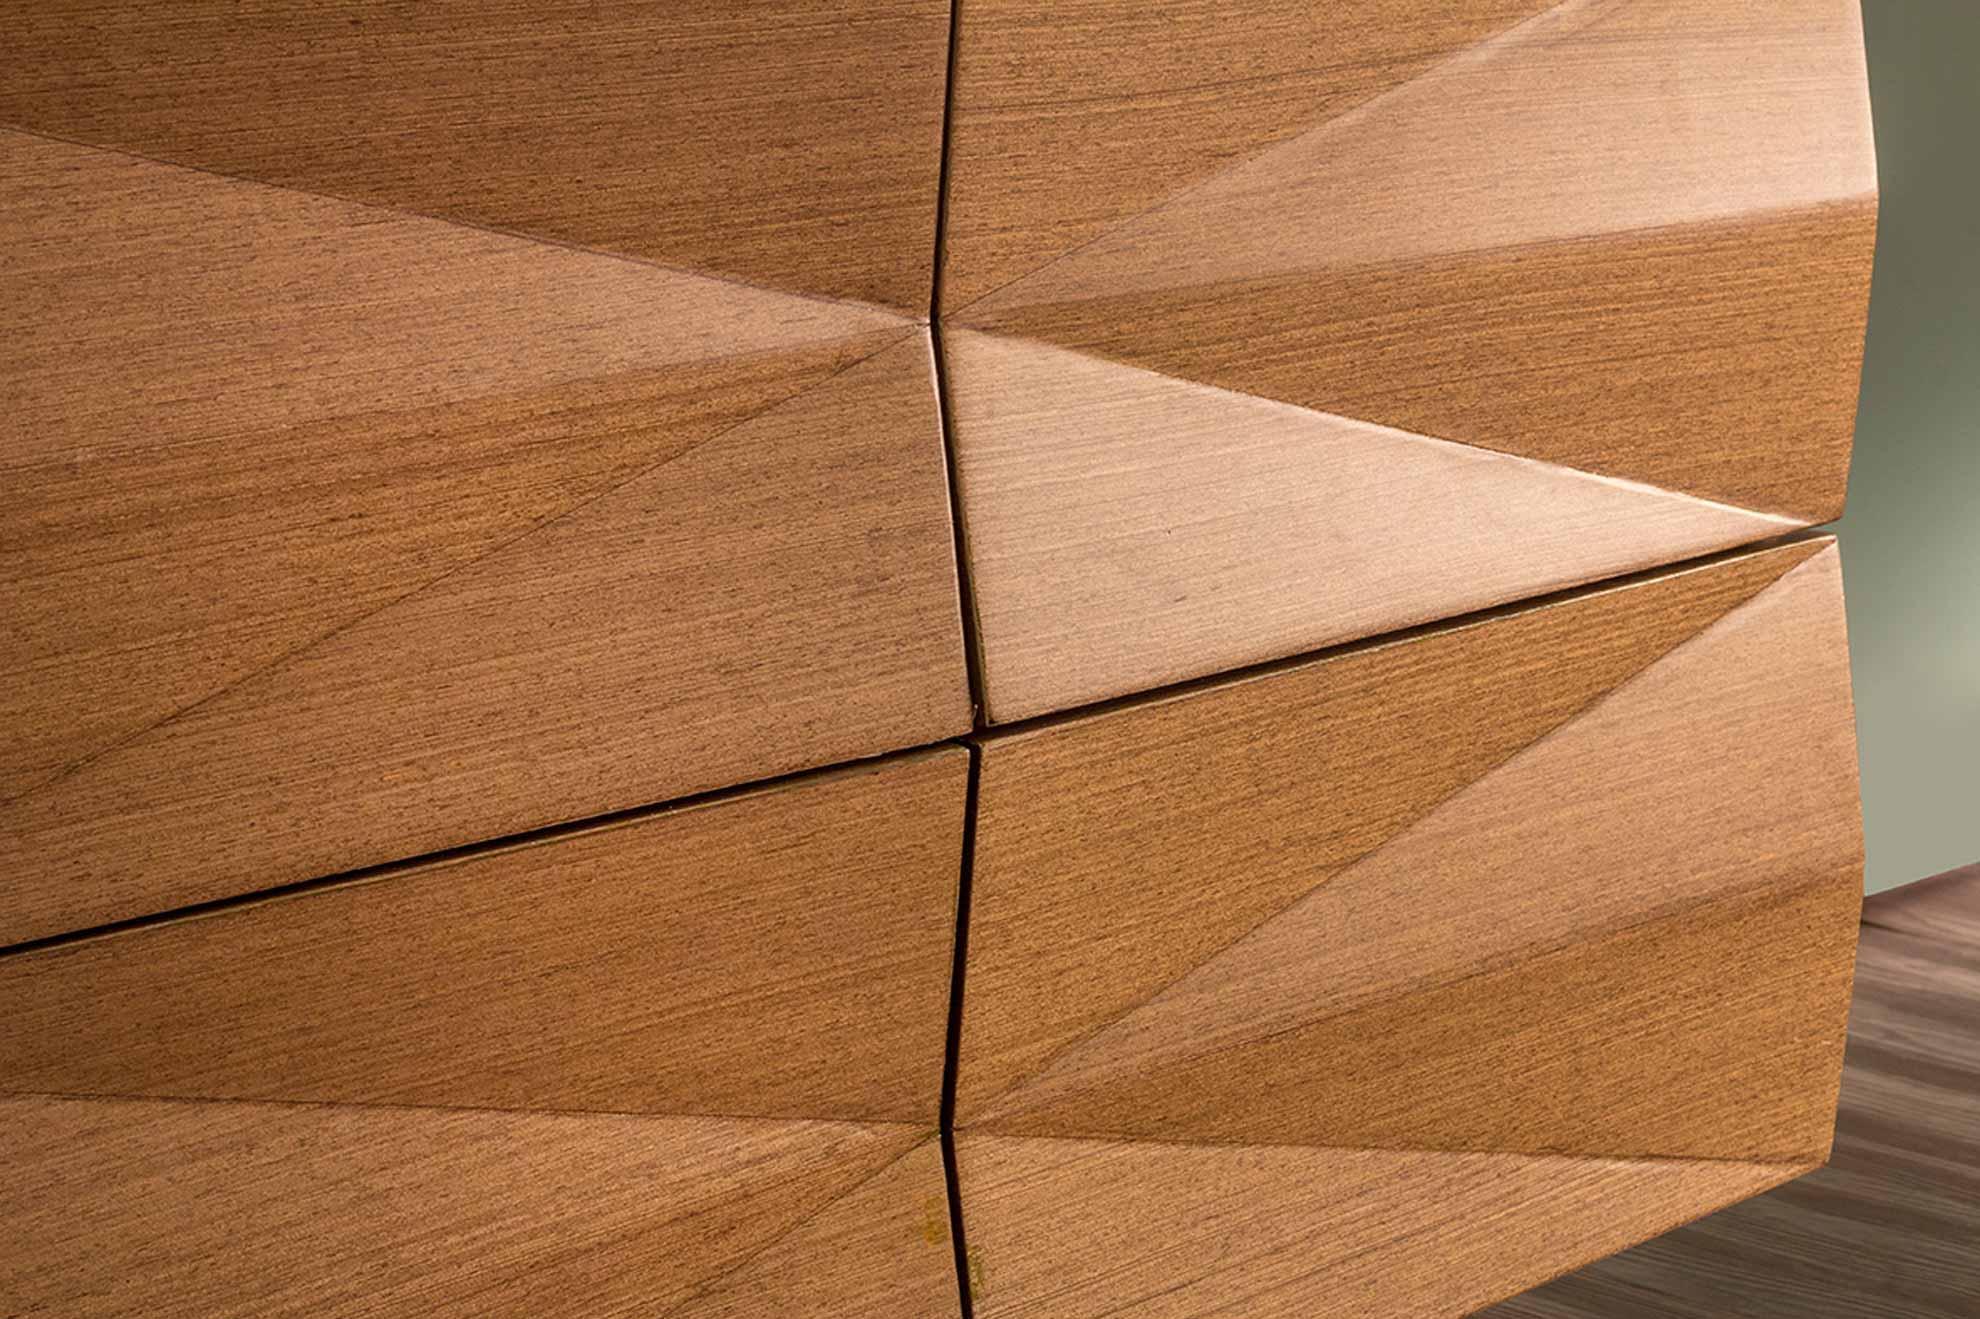 Credenza hecha con madera de nogal, detalle patrón geométrico diseñado y creado por Depa 102